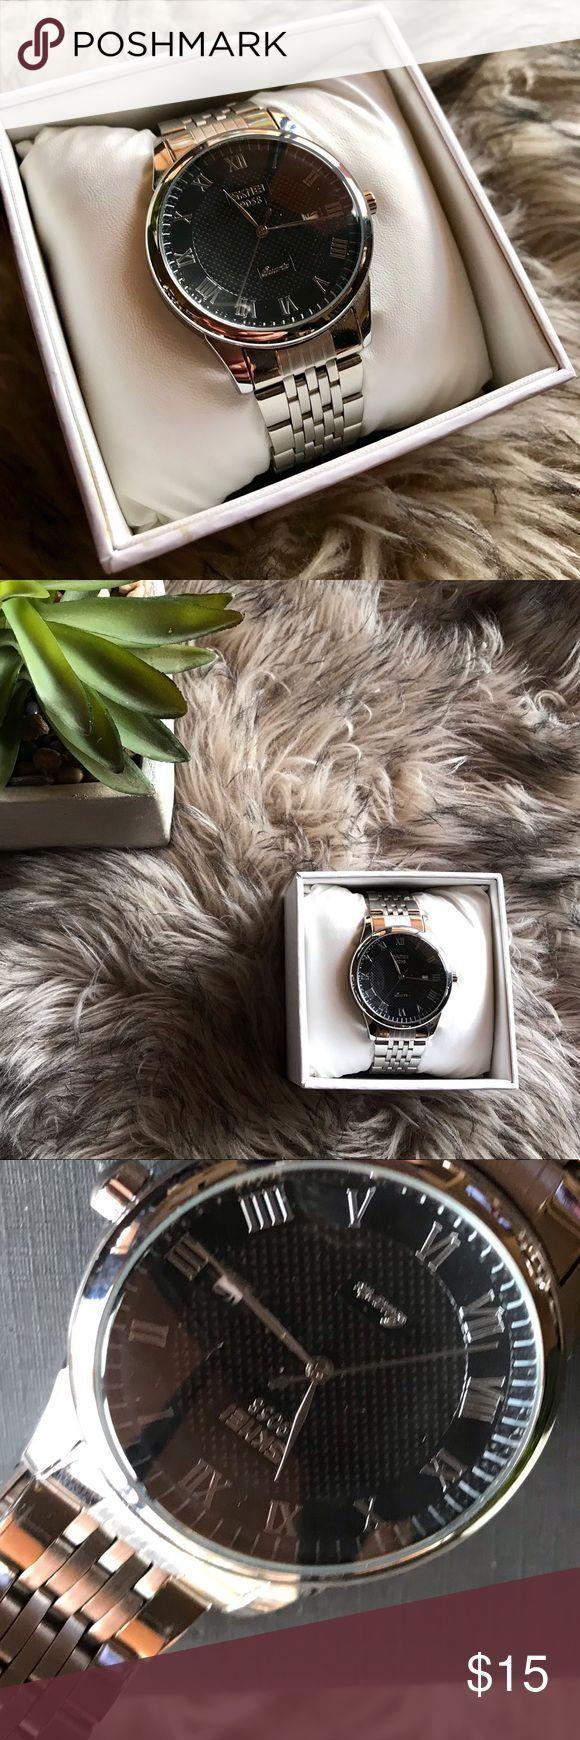 Herrenmode Uhr Diese Uhr ist eine Herrenmode Uhr. Wasserabweisend und fleckig – – Frauen Mode